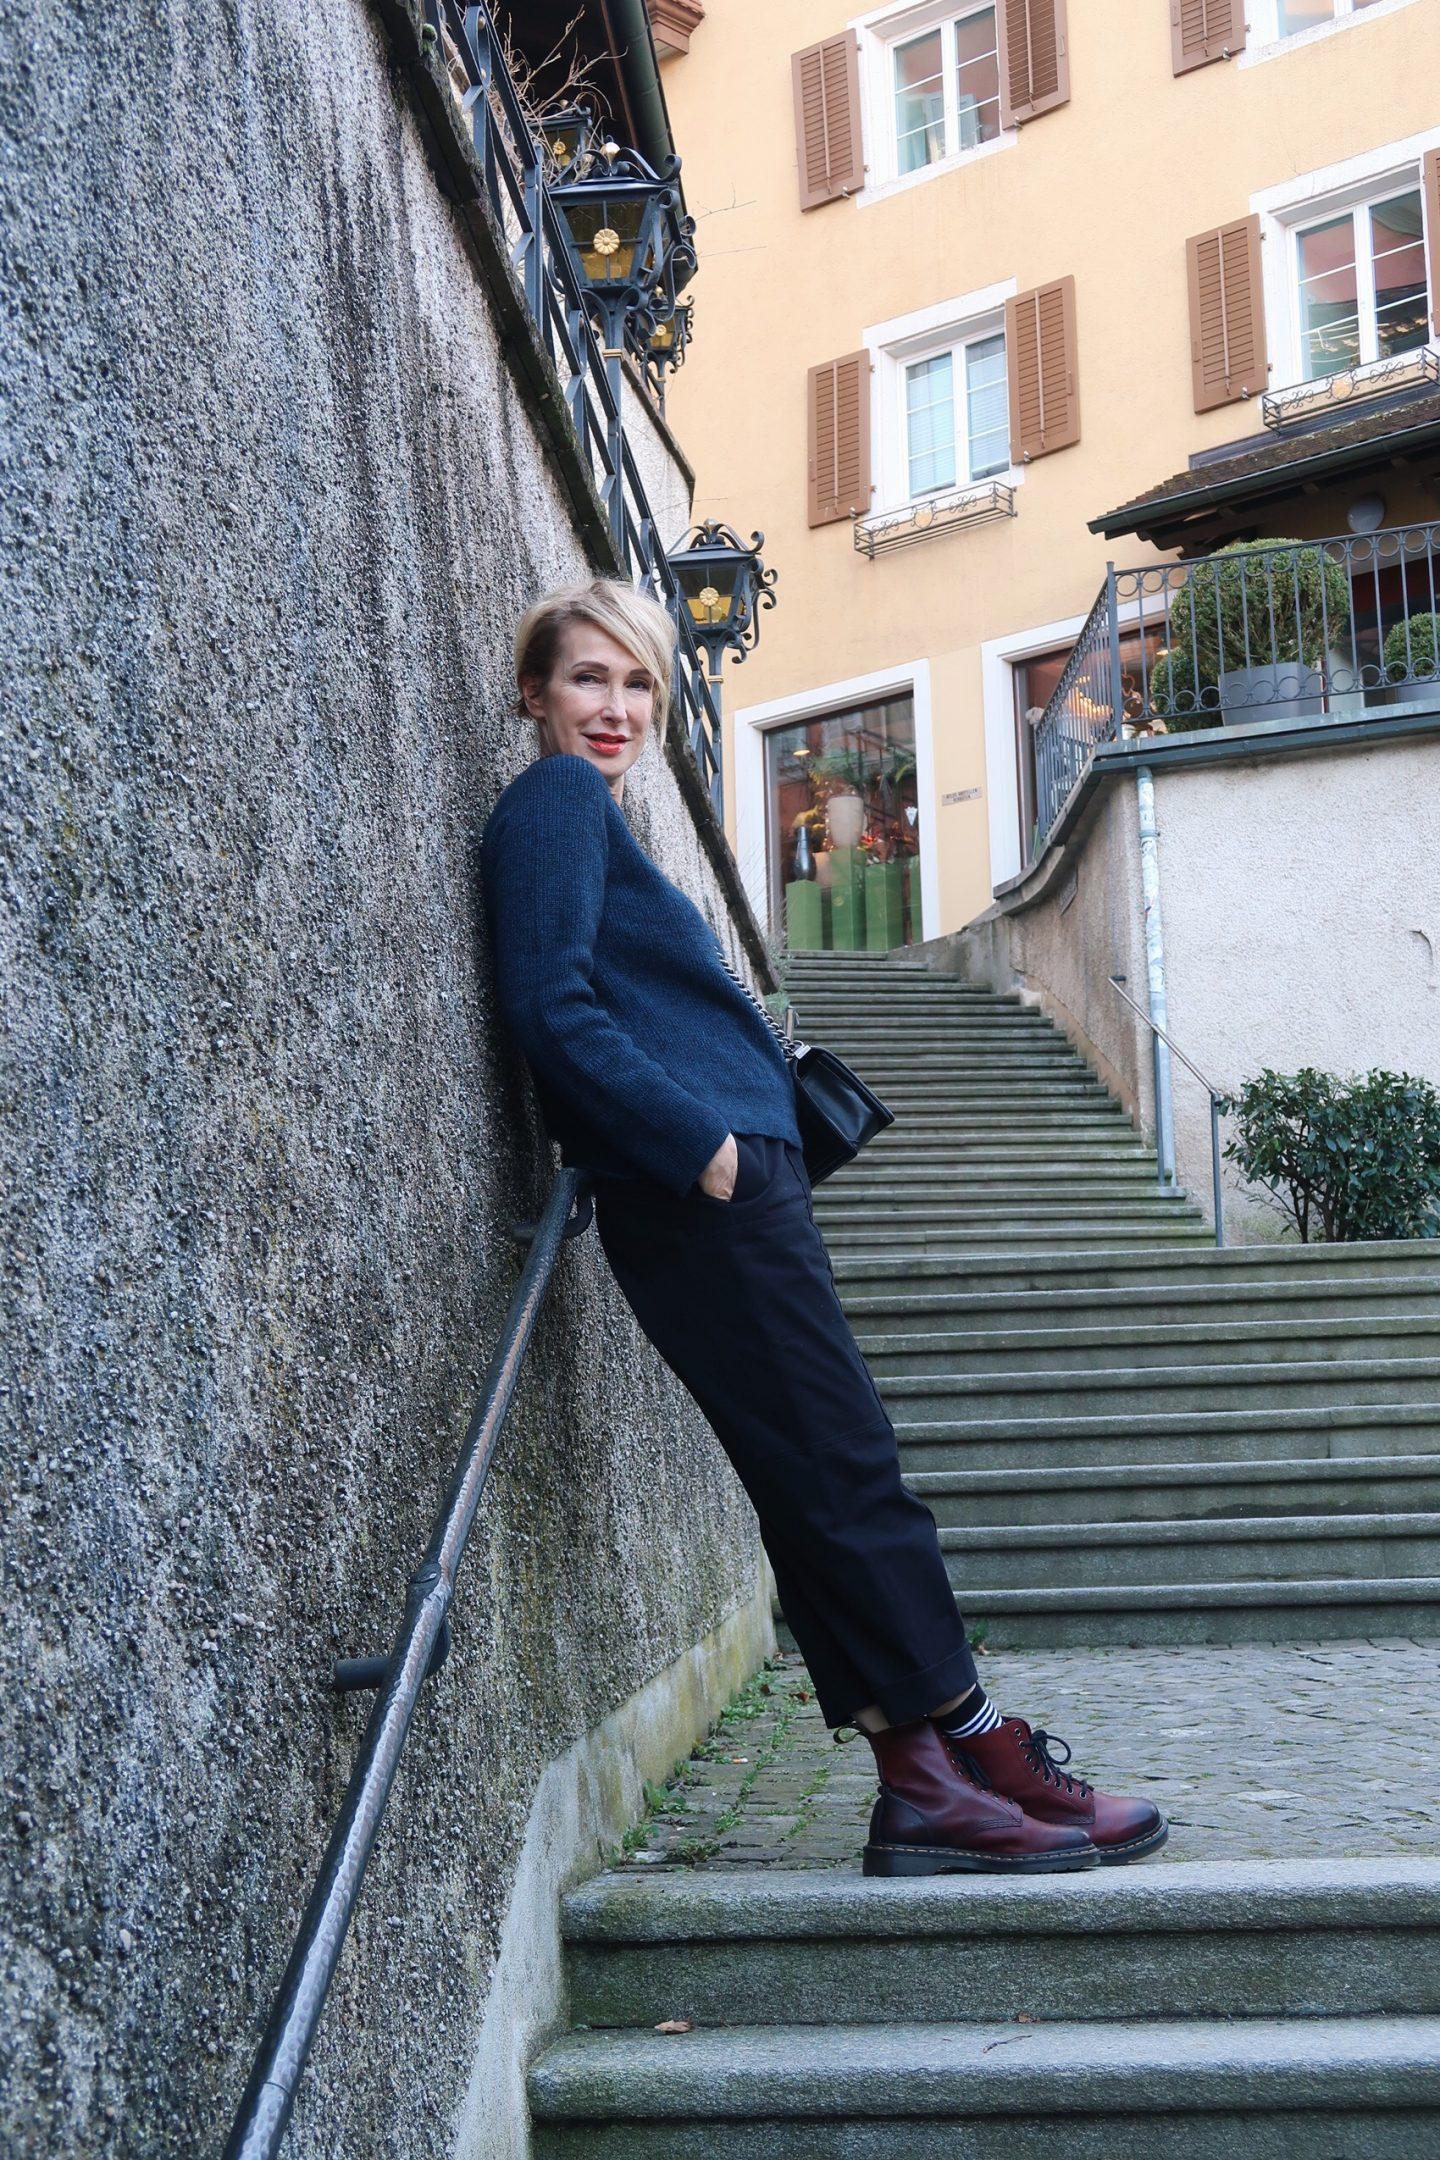 glamupyourlifestyle Schweiz Wochenende ue-40-blog ue-50-blog ü-40-mode